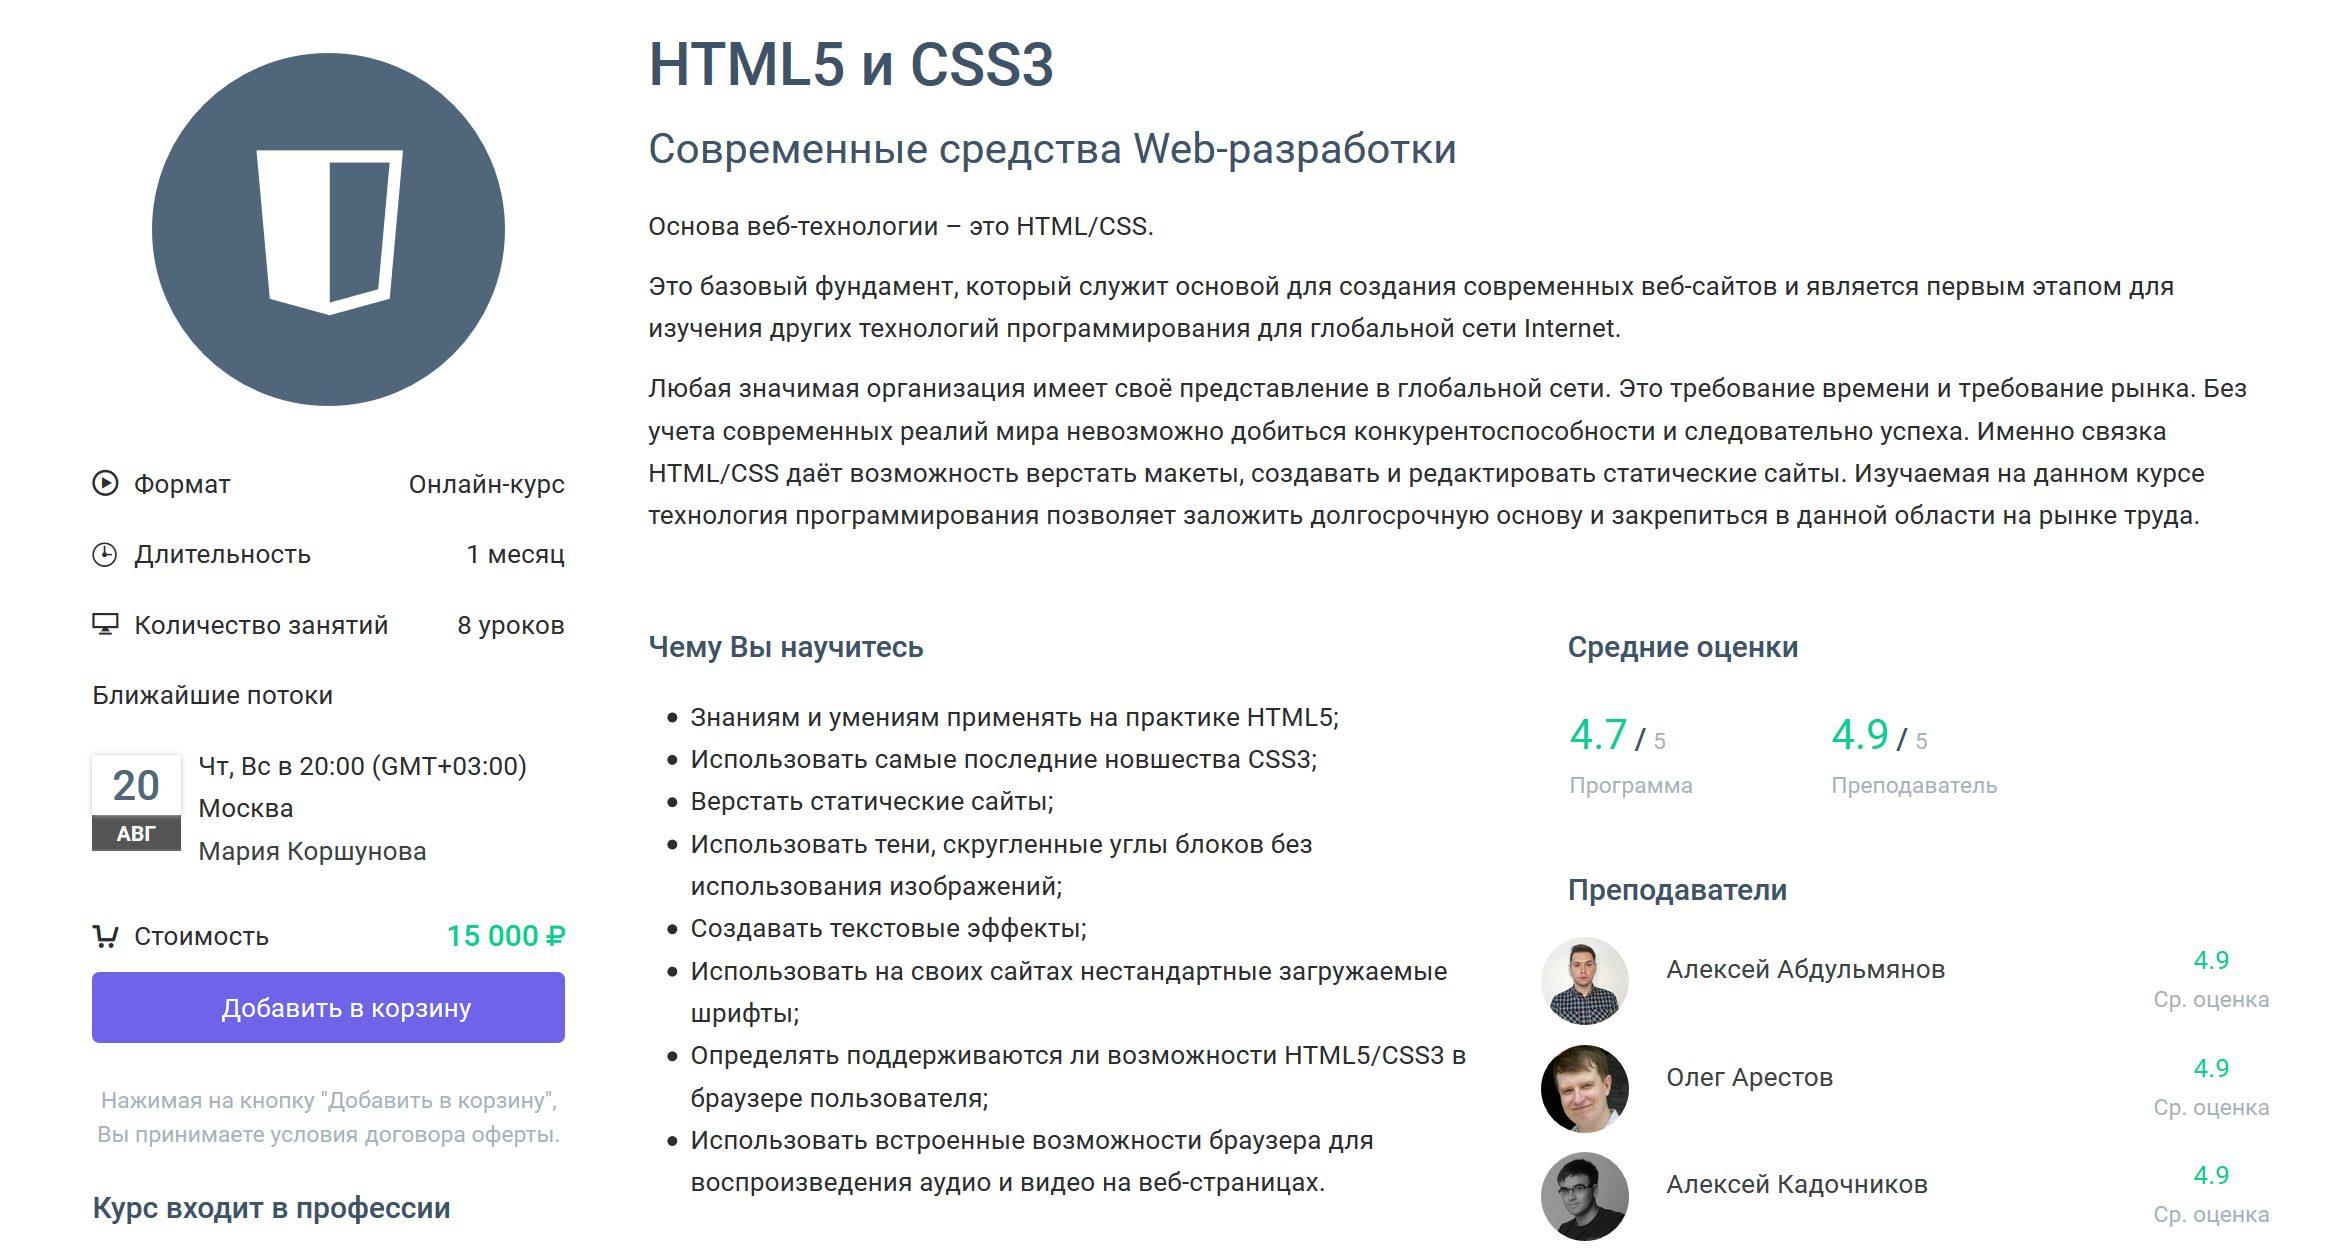 HTML5 и CSS3. Современные средства Web-разработки Обучение программированию онлайн на GeekBrains GeekBrains - образовательный портал